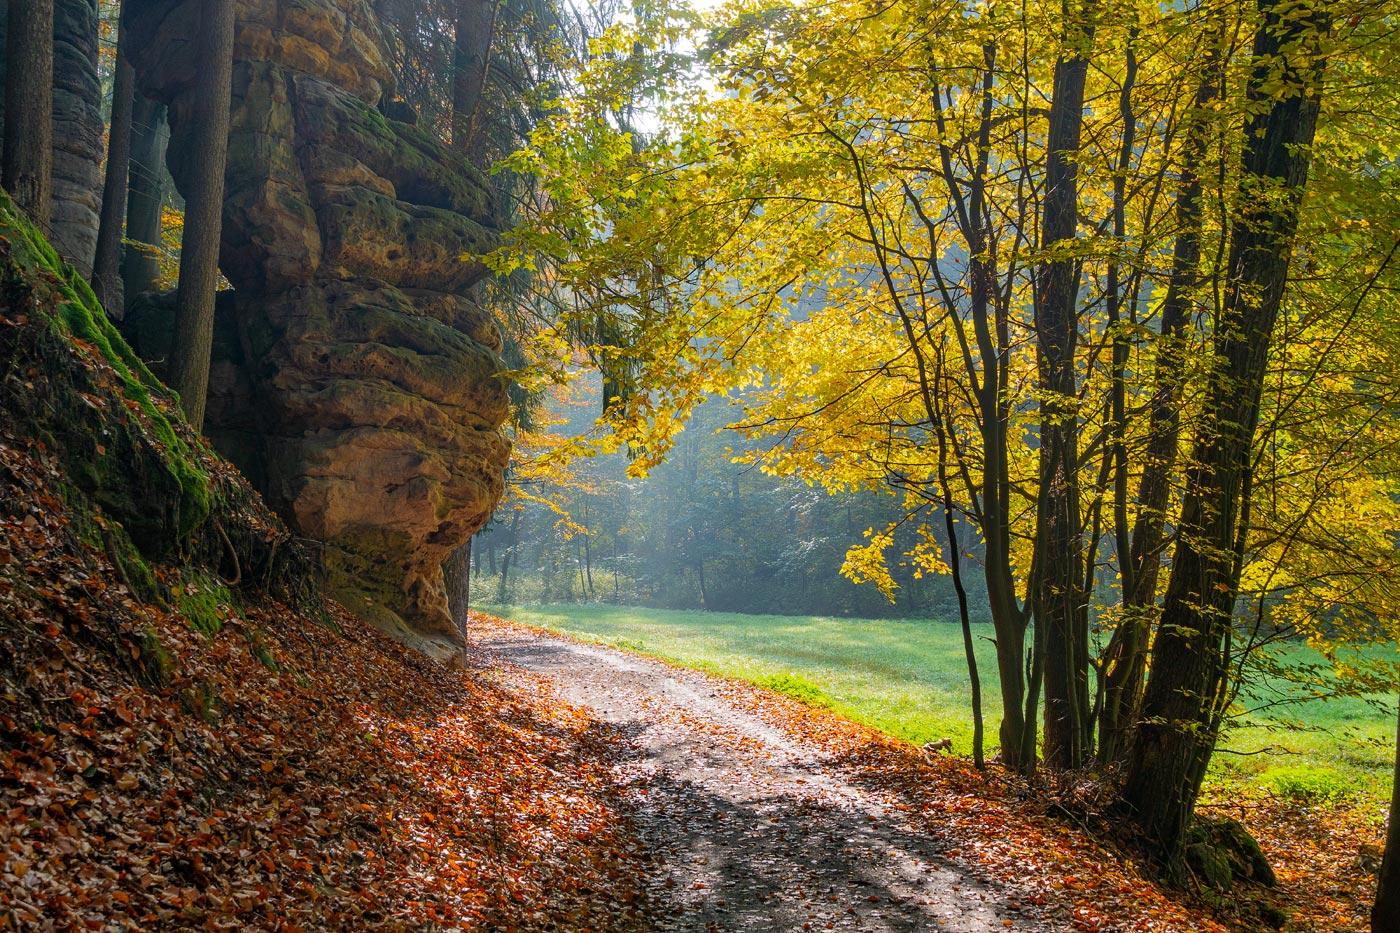 Природный заповедник Подтросецка удоли (Podtrosecká údolí)